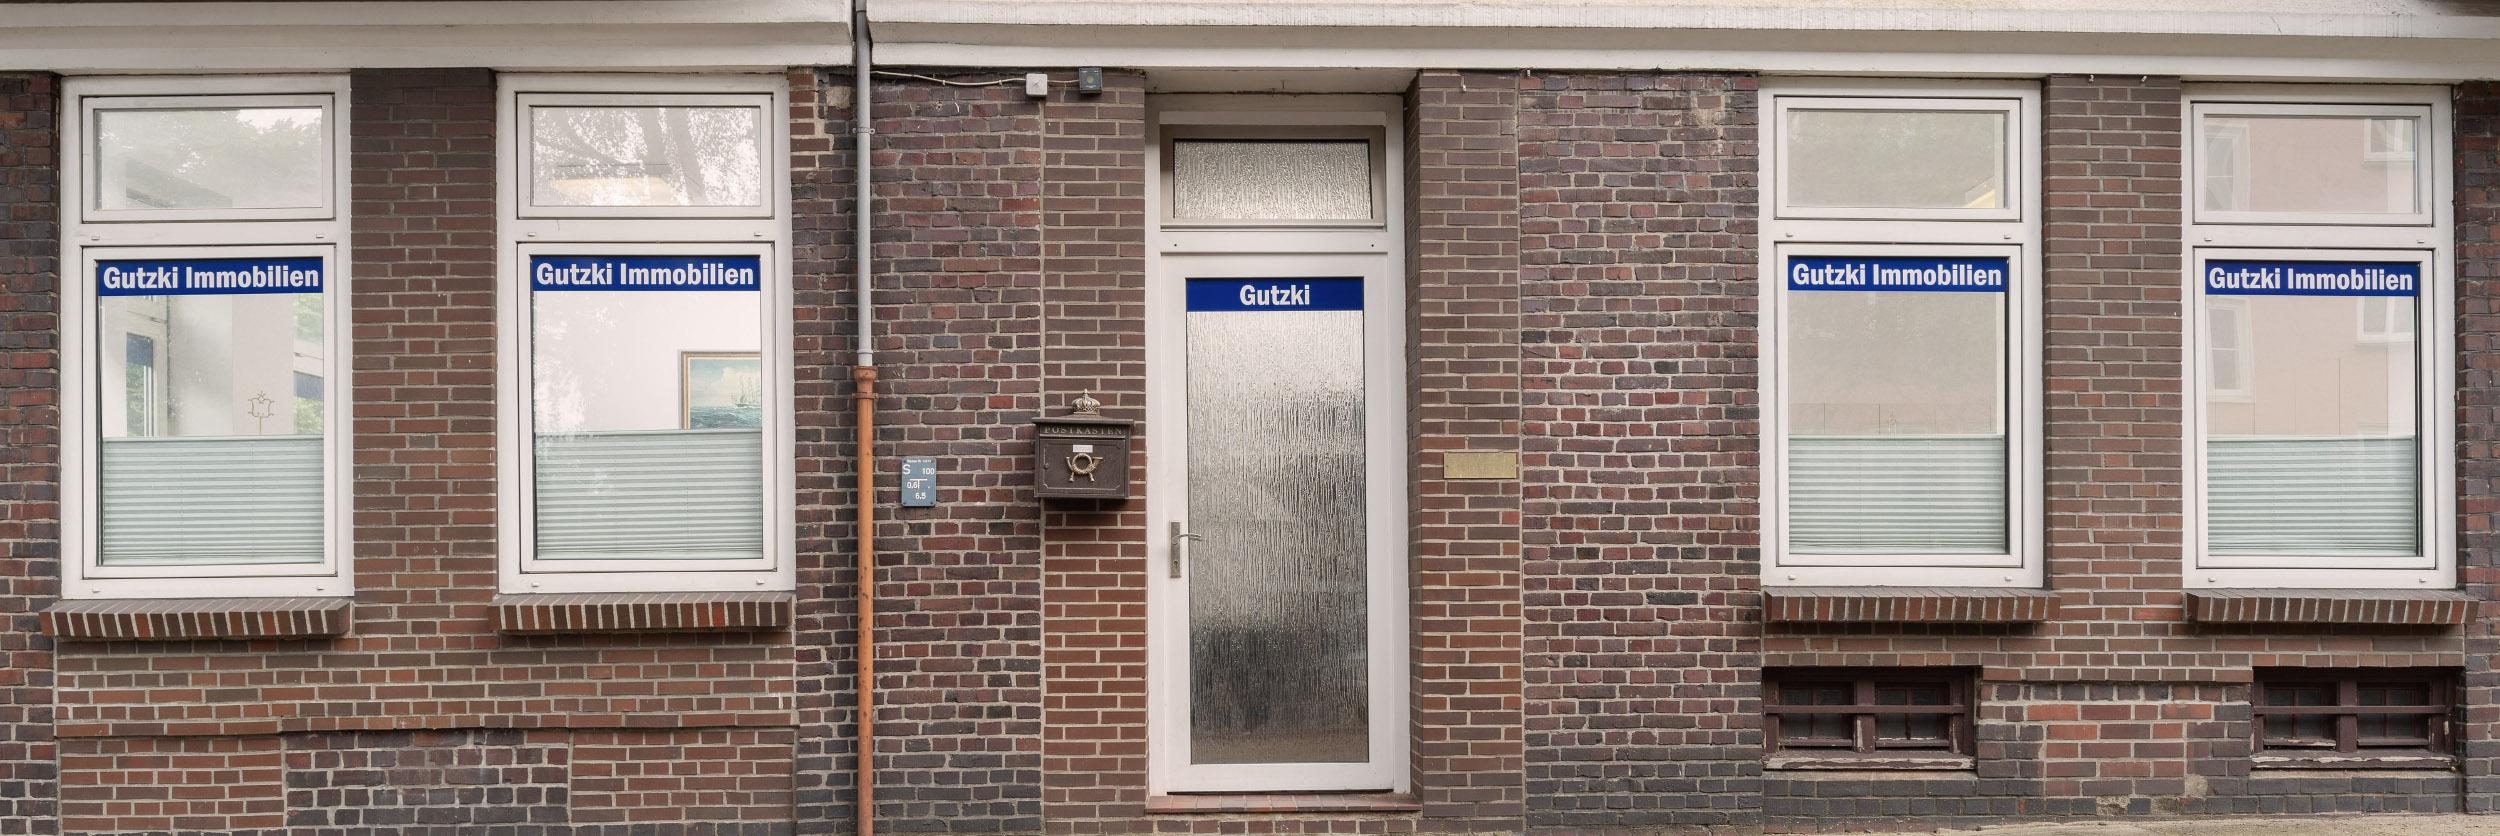 Eingang zum Büro der Hausverwaltung Gutzki Immobilien in Hamburg Winterhude